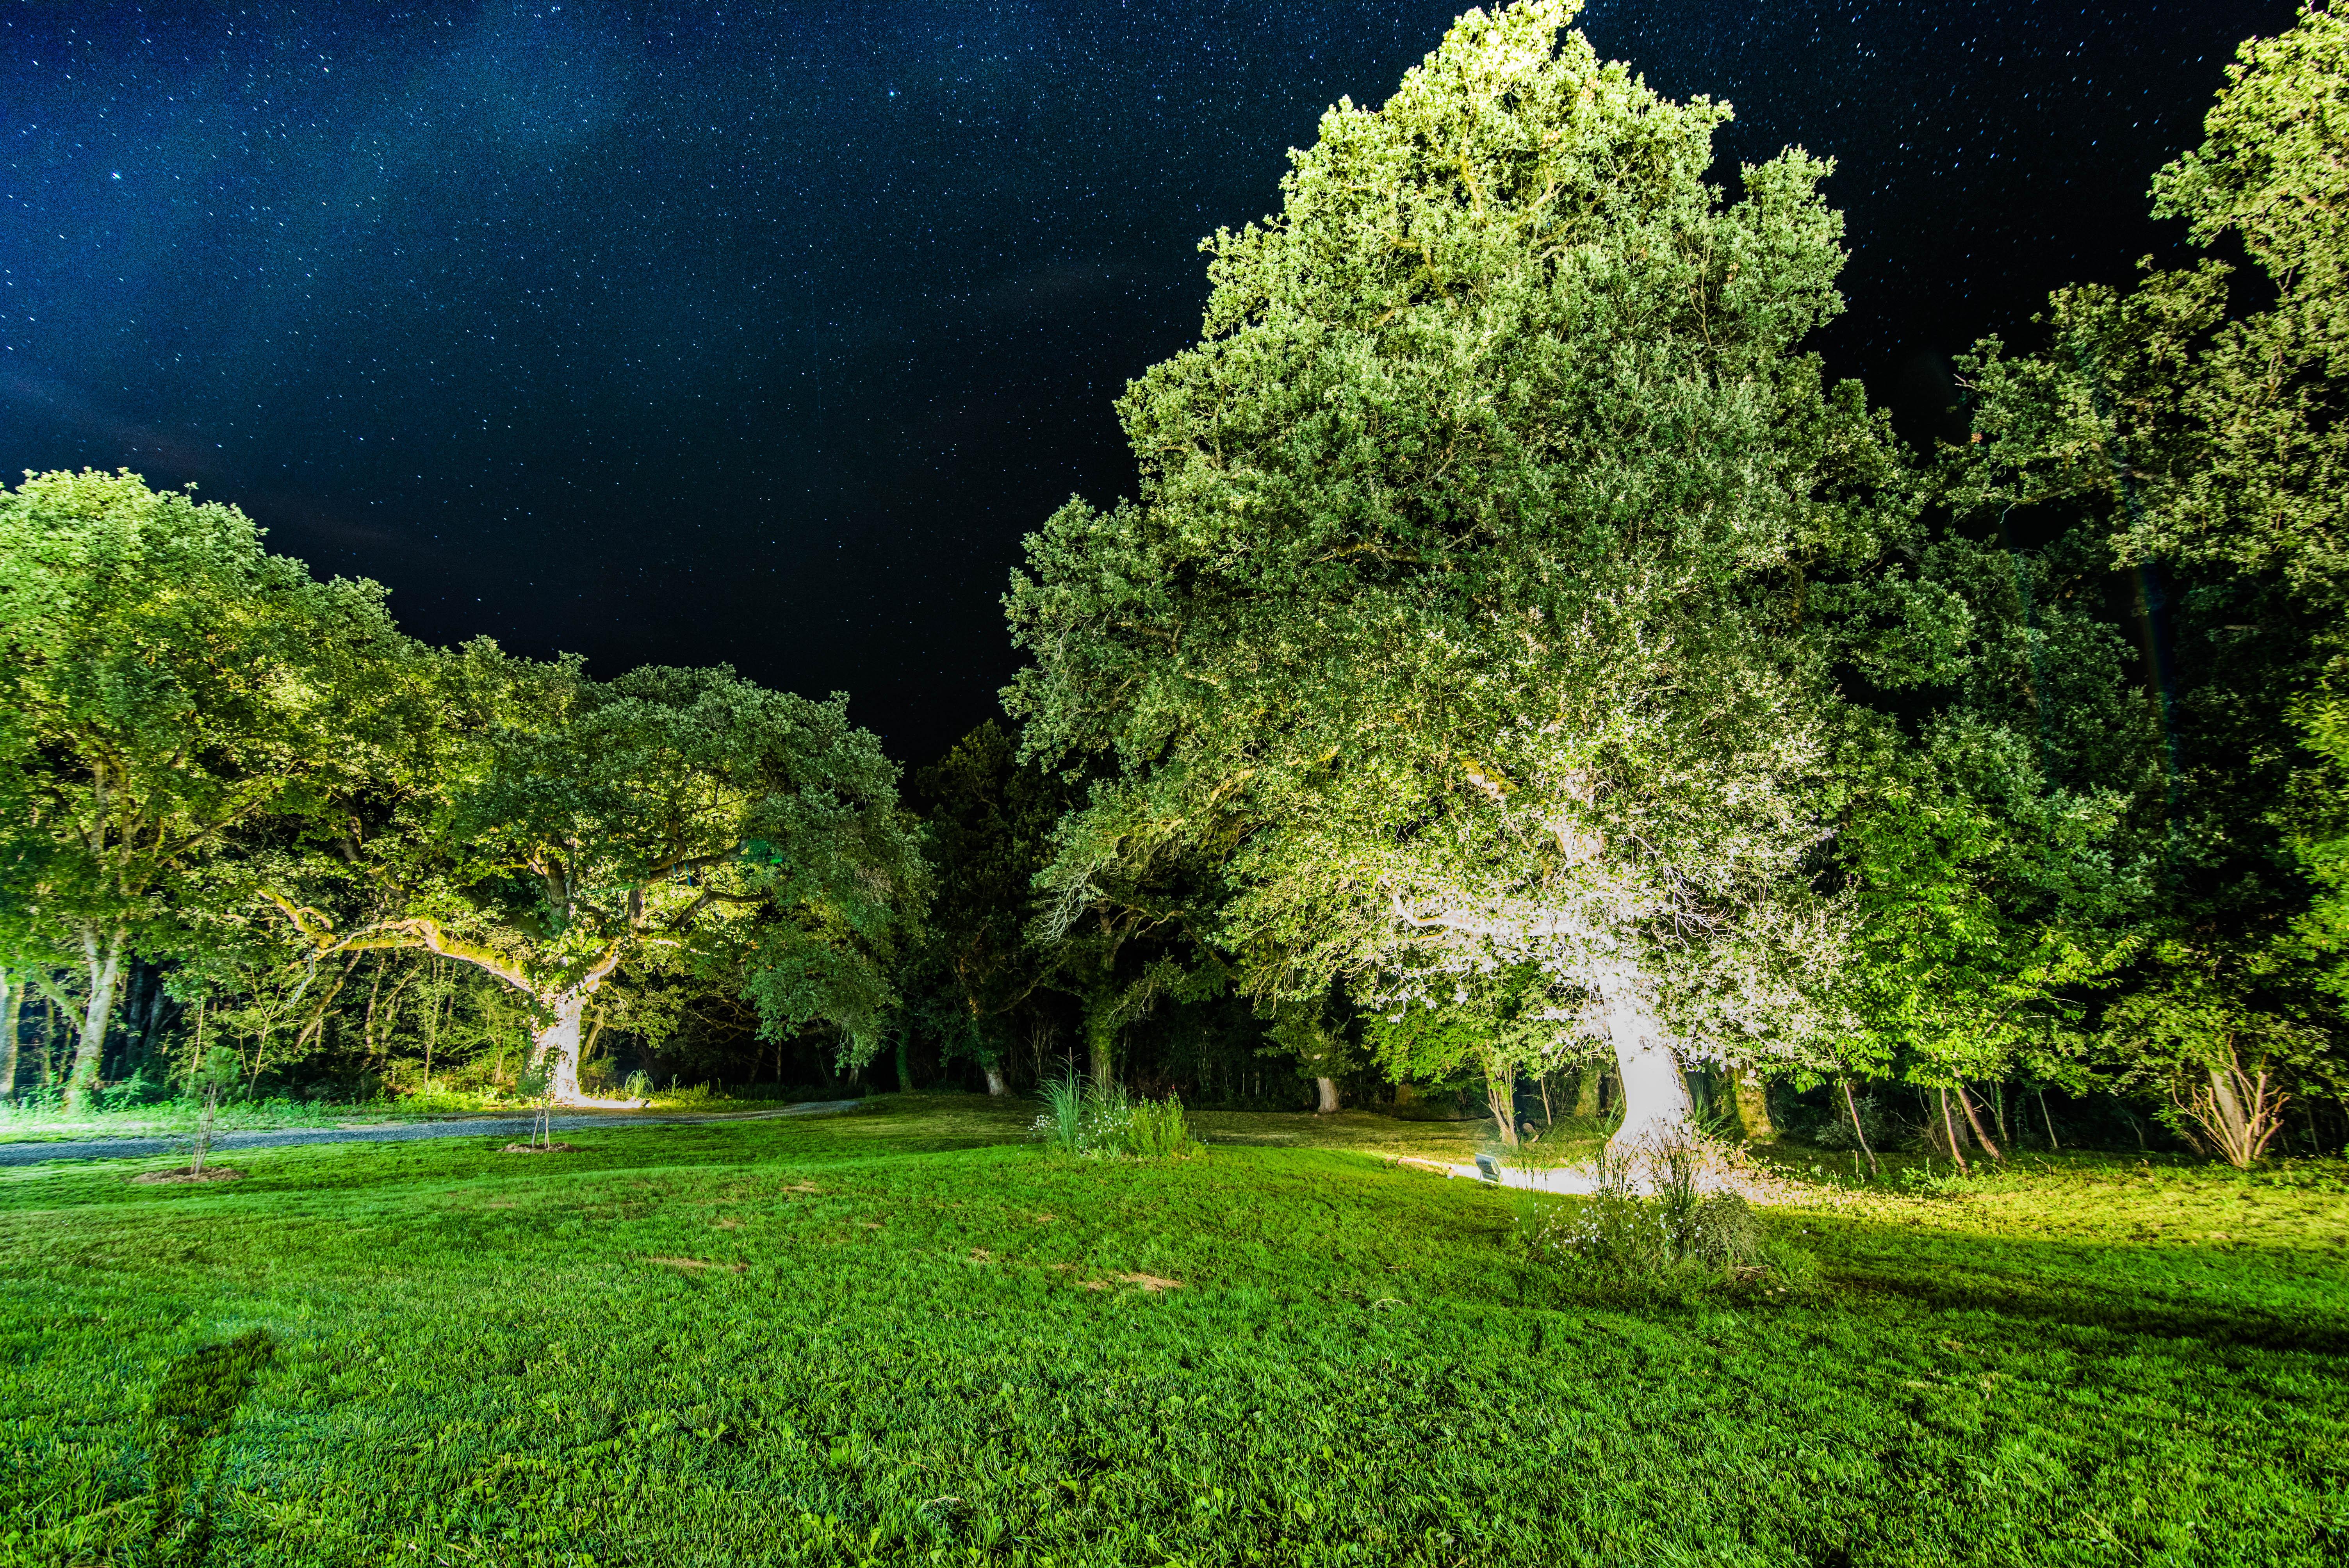 Parc de nuit